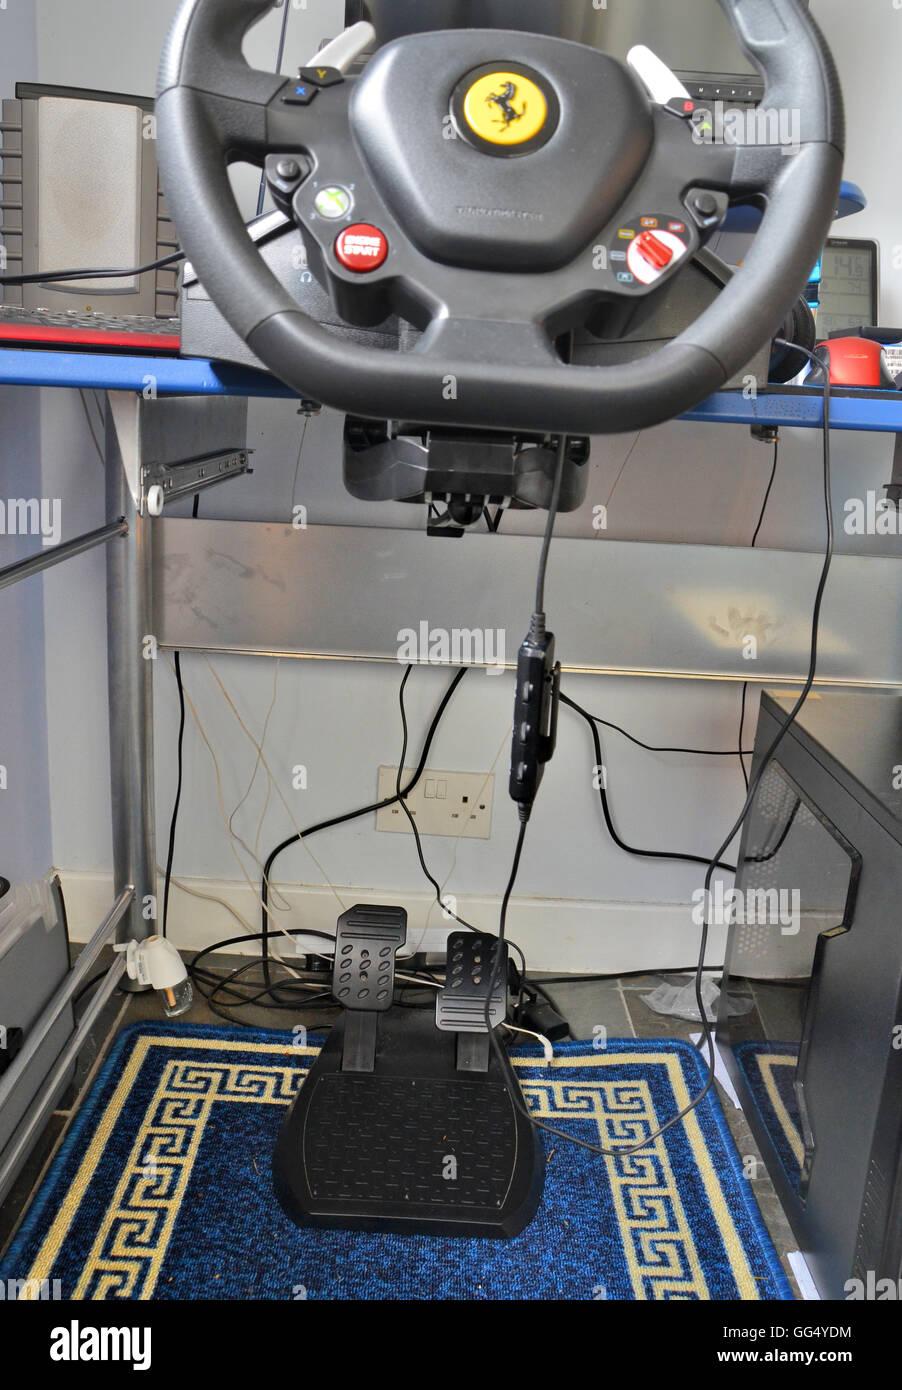 Computer gaming rig - include il volante assemblato al desktop e i pedali freno e acceleratore e altoparlanti. Immagini Stock